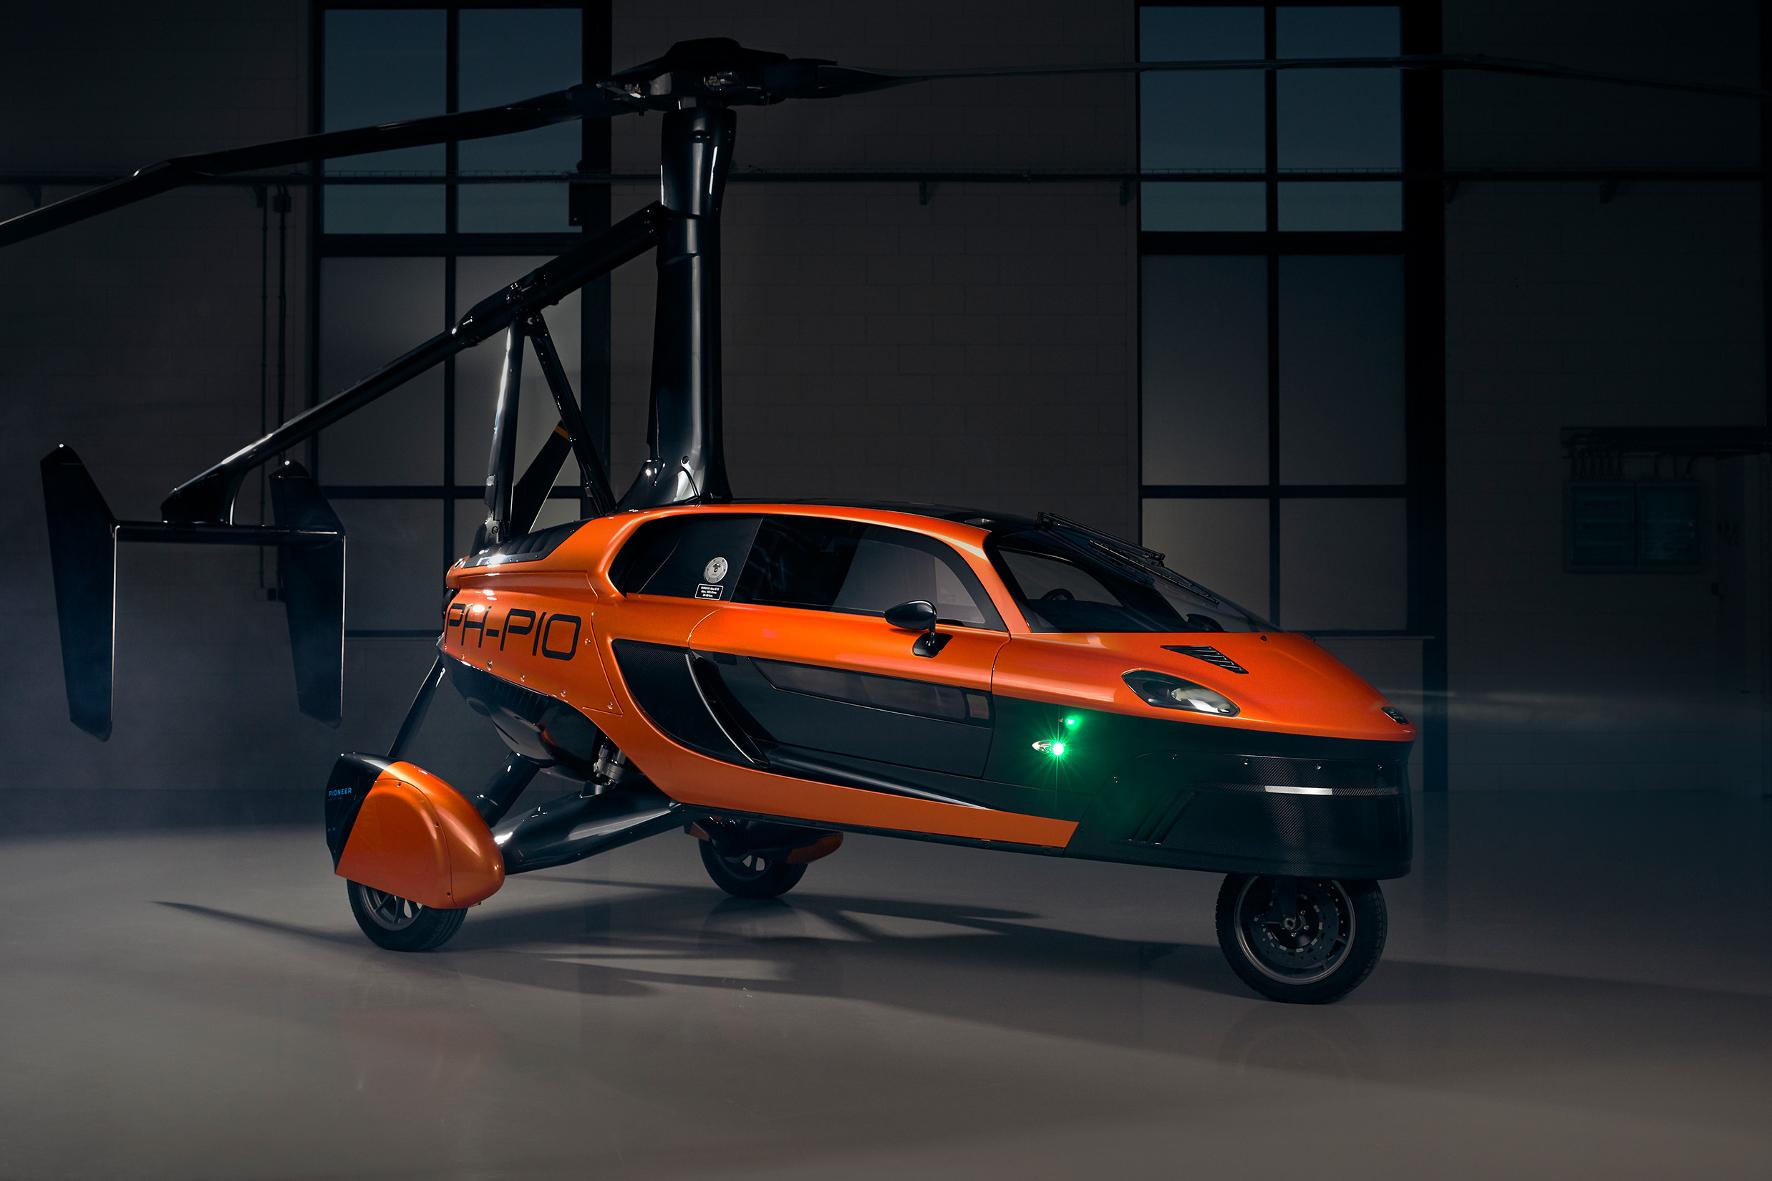 Jetzt kommt ein fliegender Holländer als Flugauto